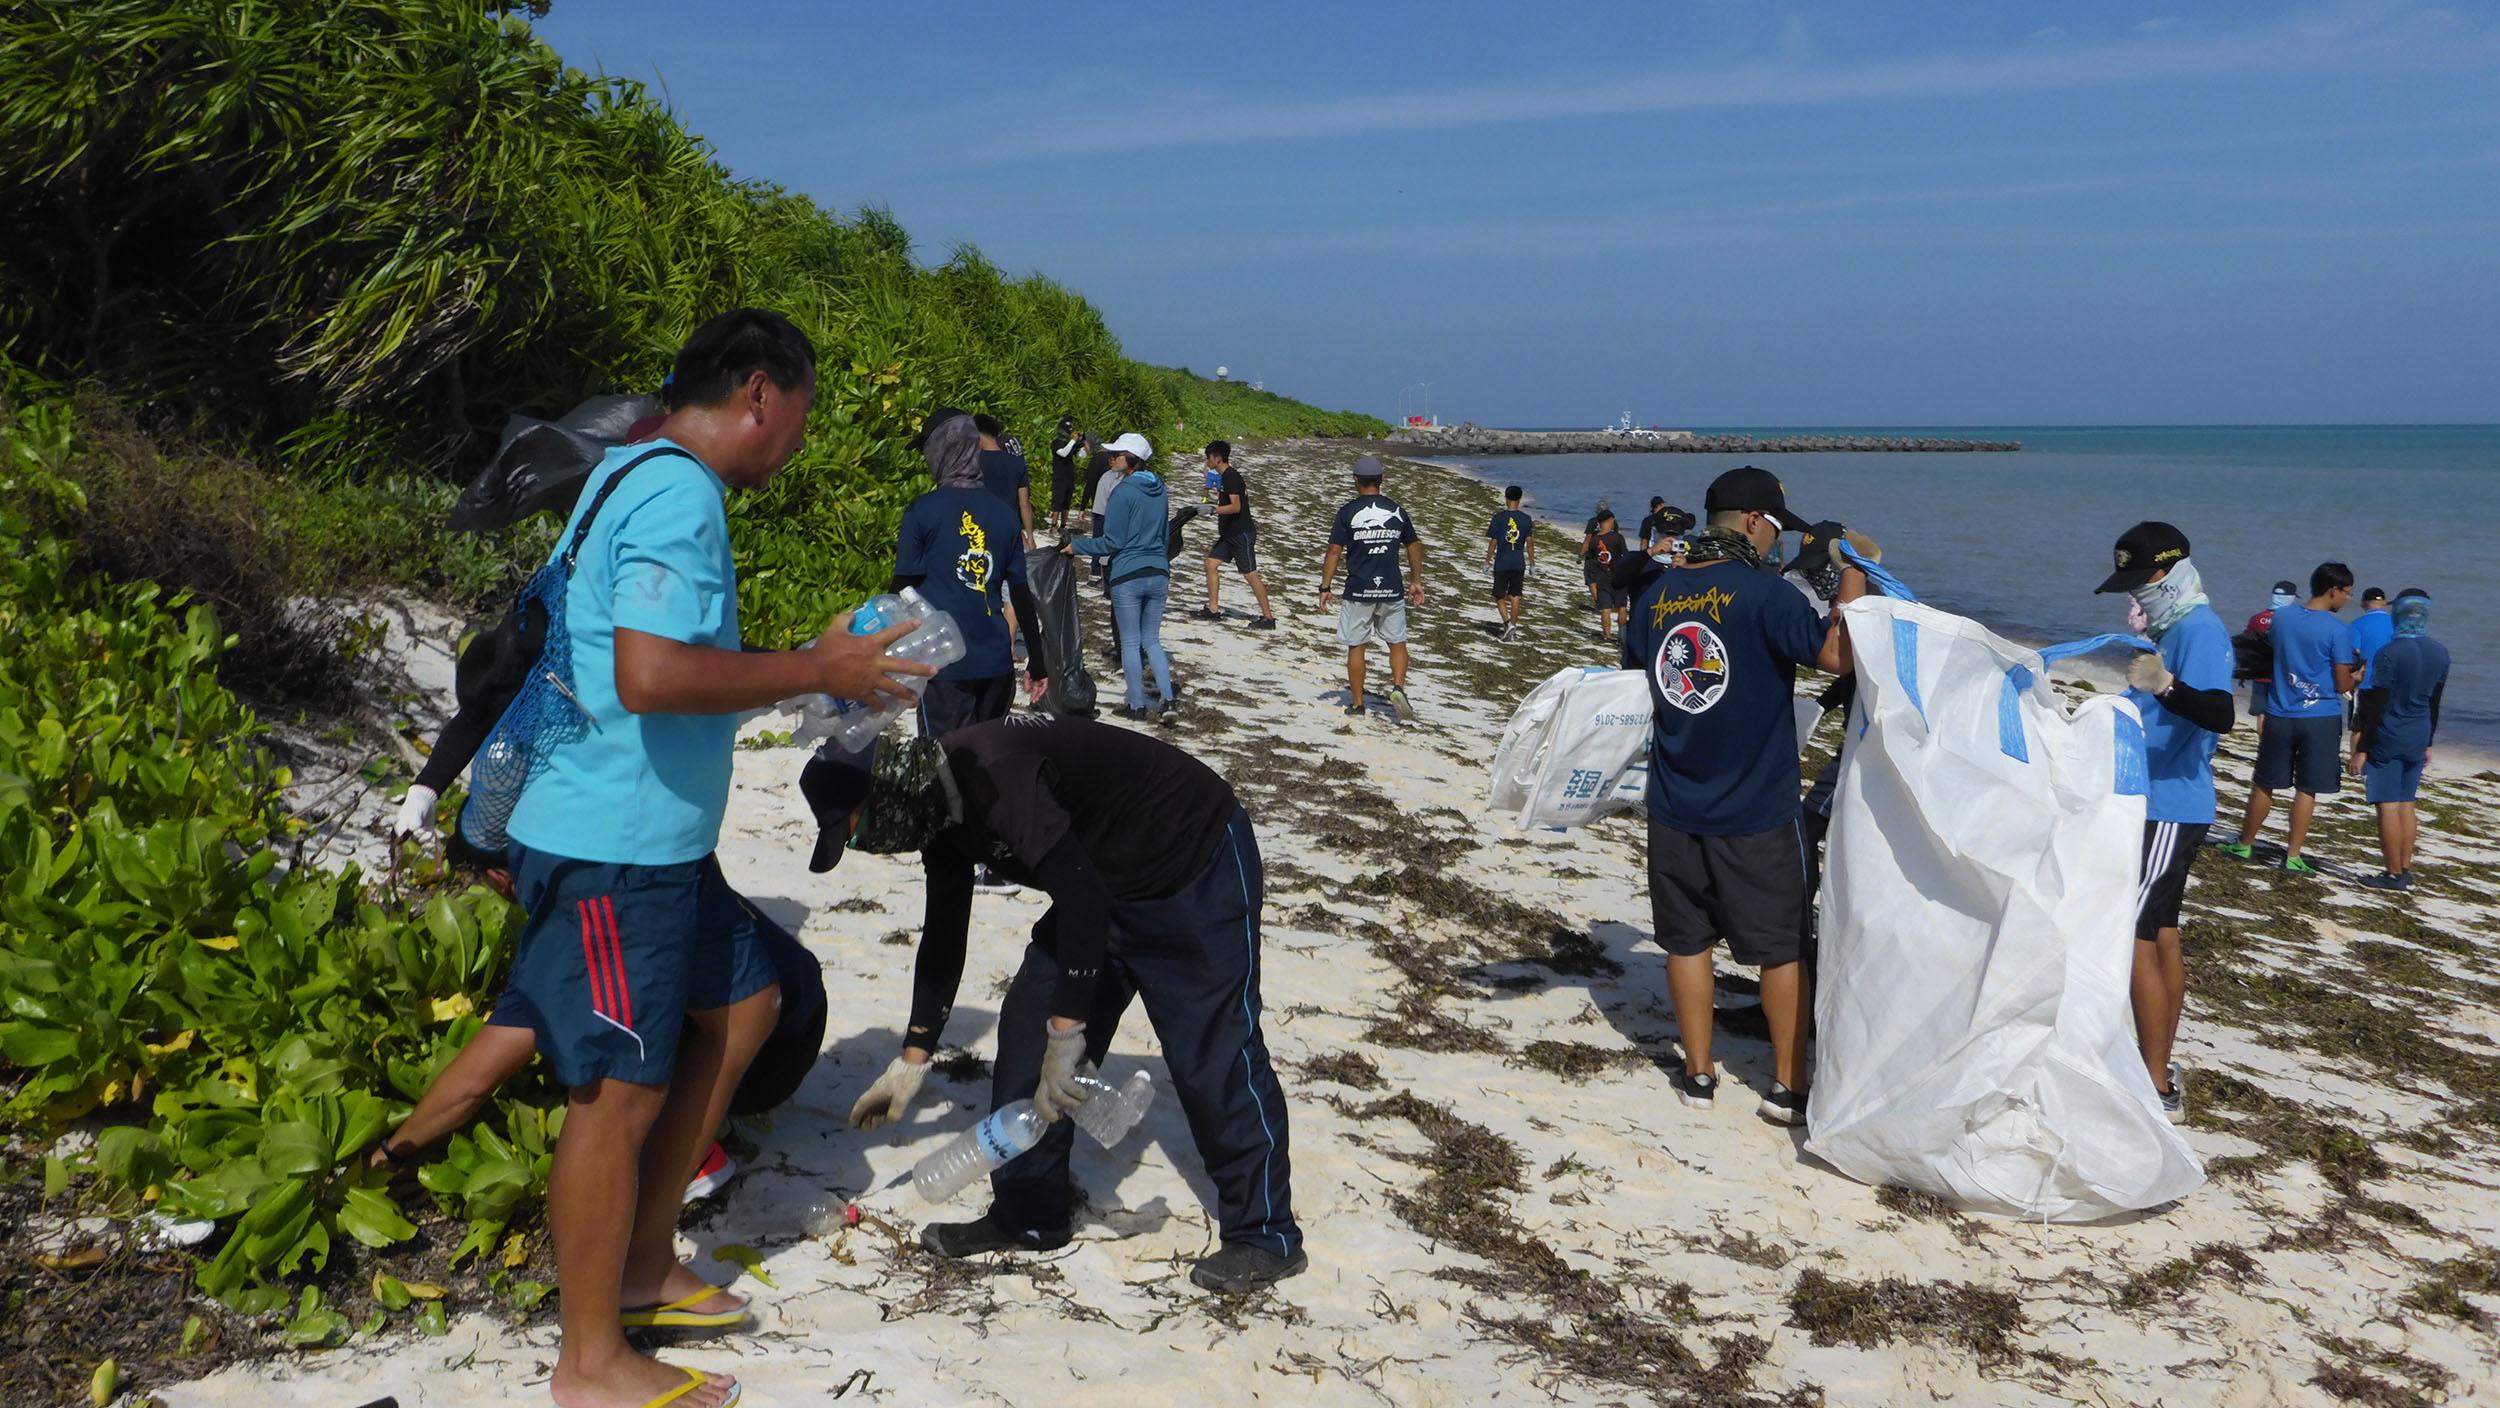 淨灘或認養海灘活動,目的是讓大眾親眼看見海岸到處是垃圾,從自己開始改變。圖│鄭明修